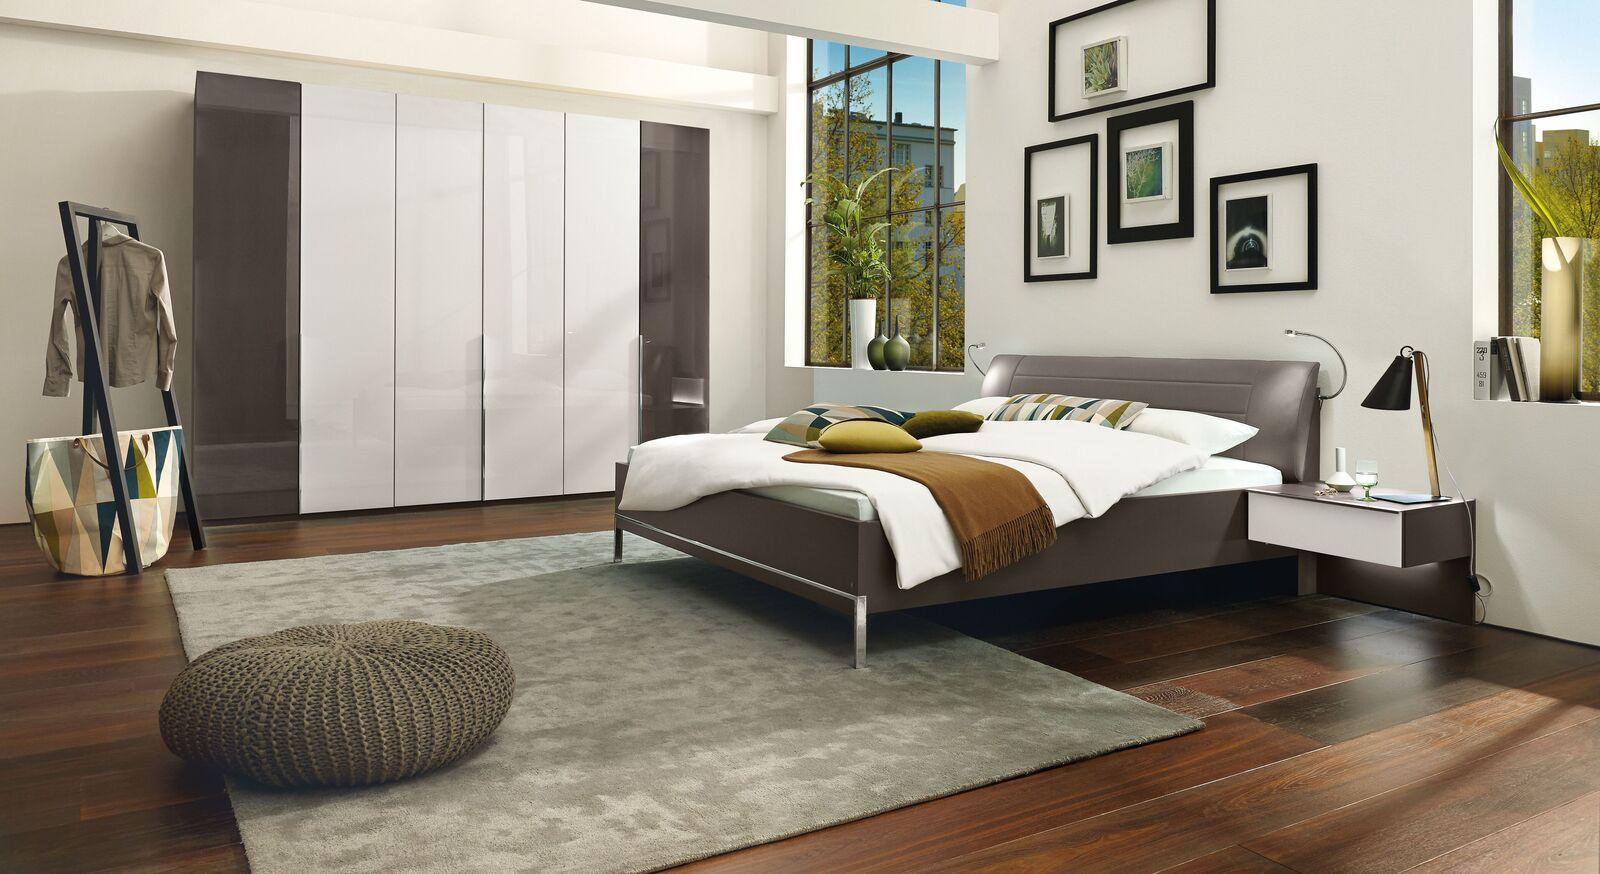 Luxusmöbel des MUSTERRING Schlafzimmers San Diego Havanna